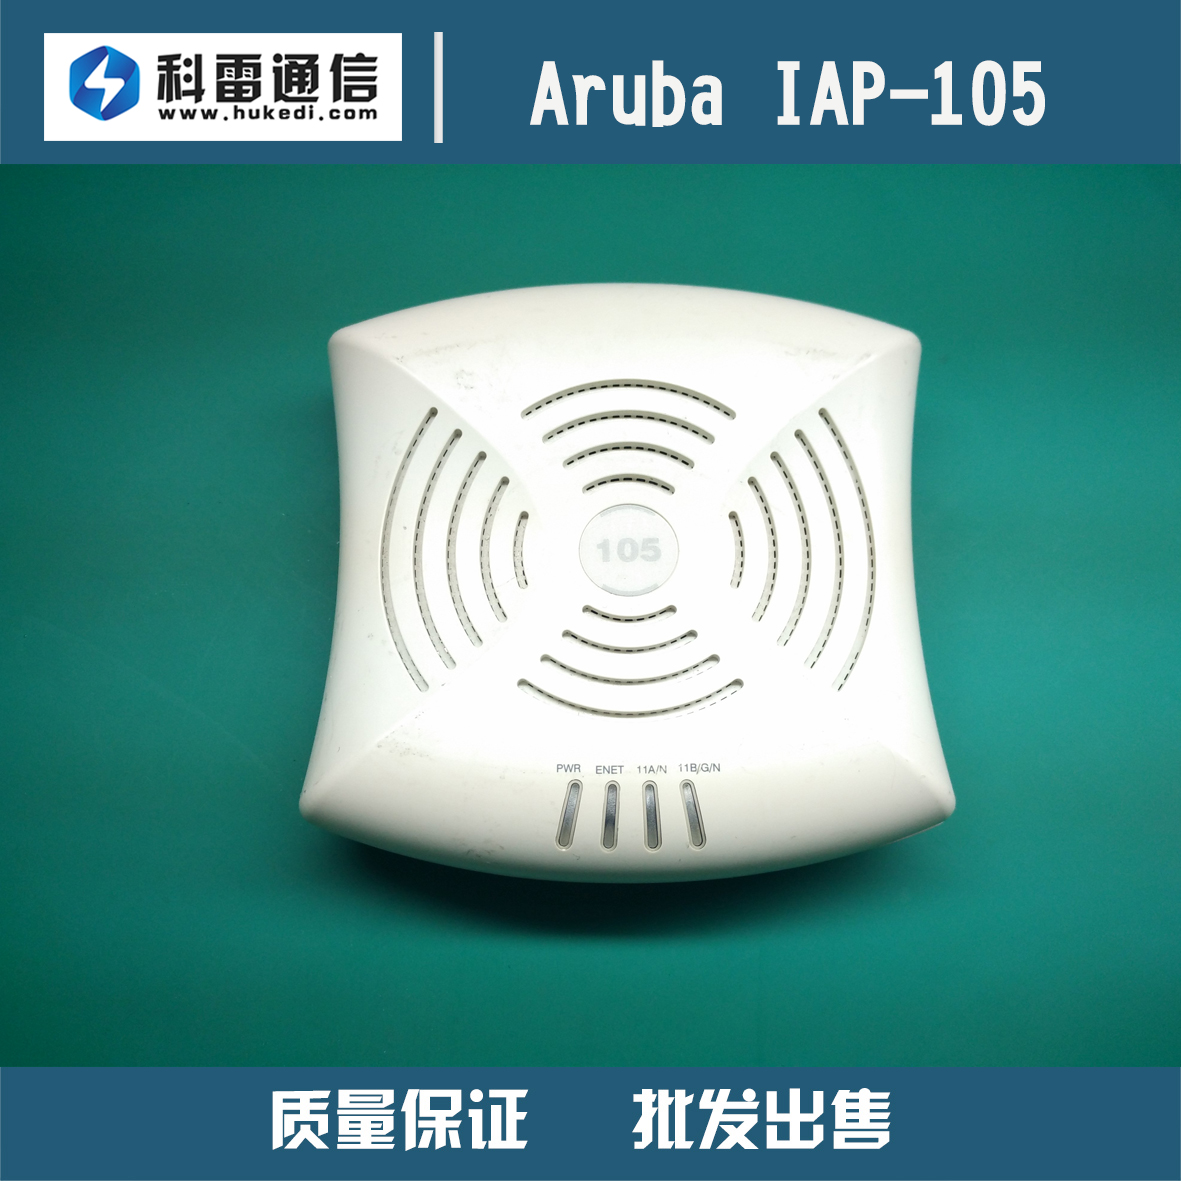 ARUBA AP/IAP-105虚拟控制器 室内双频无线AP 企业级自组网 无缝